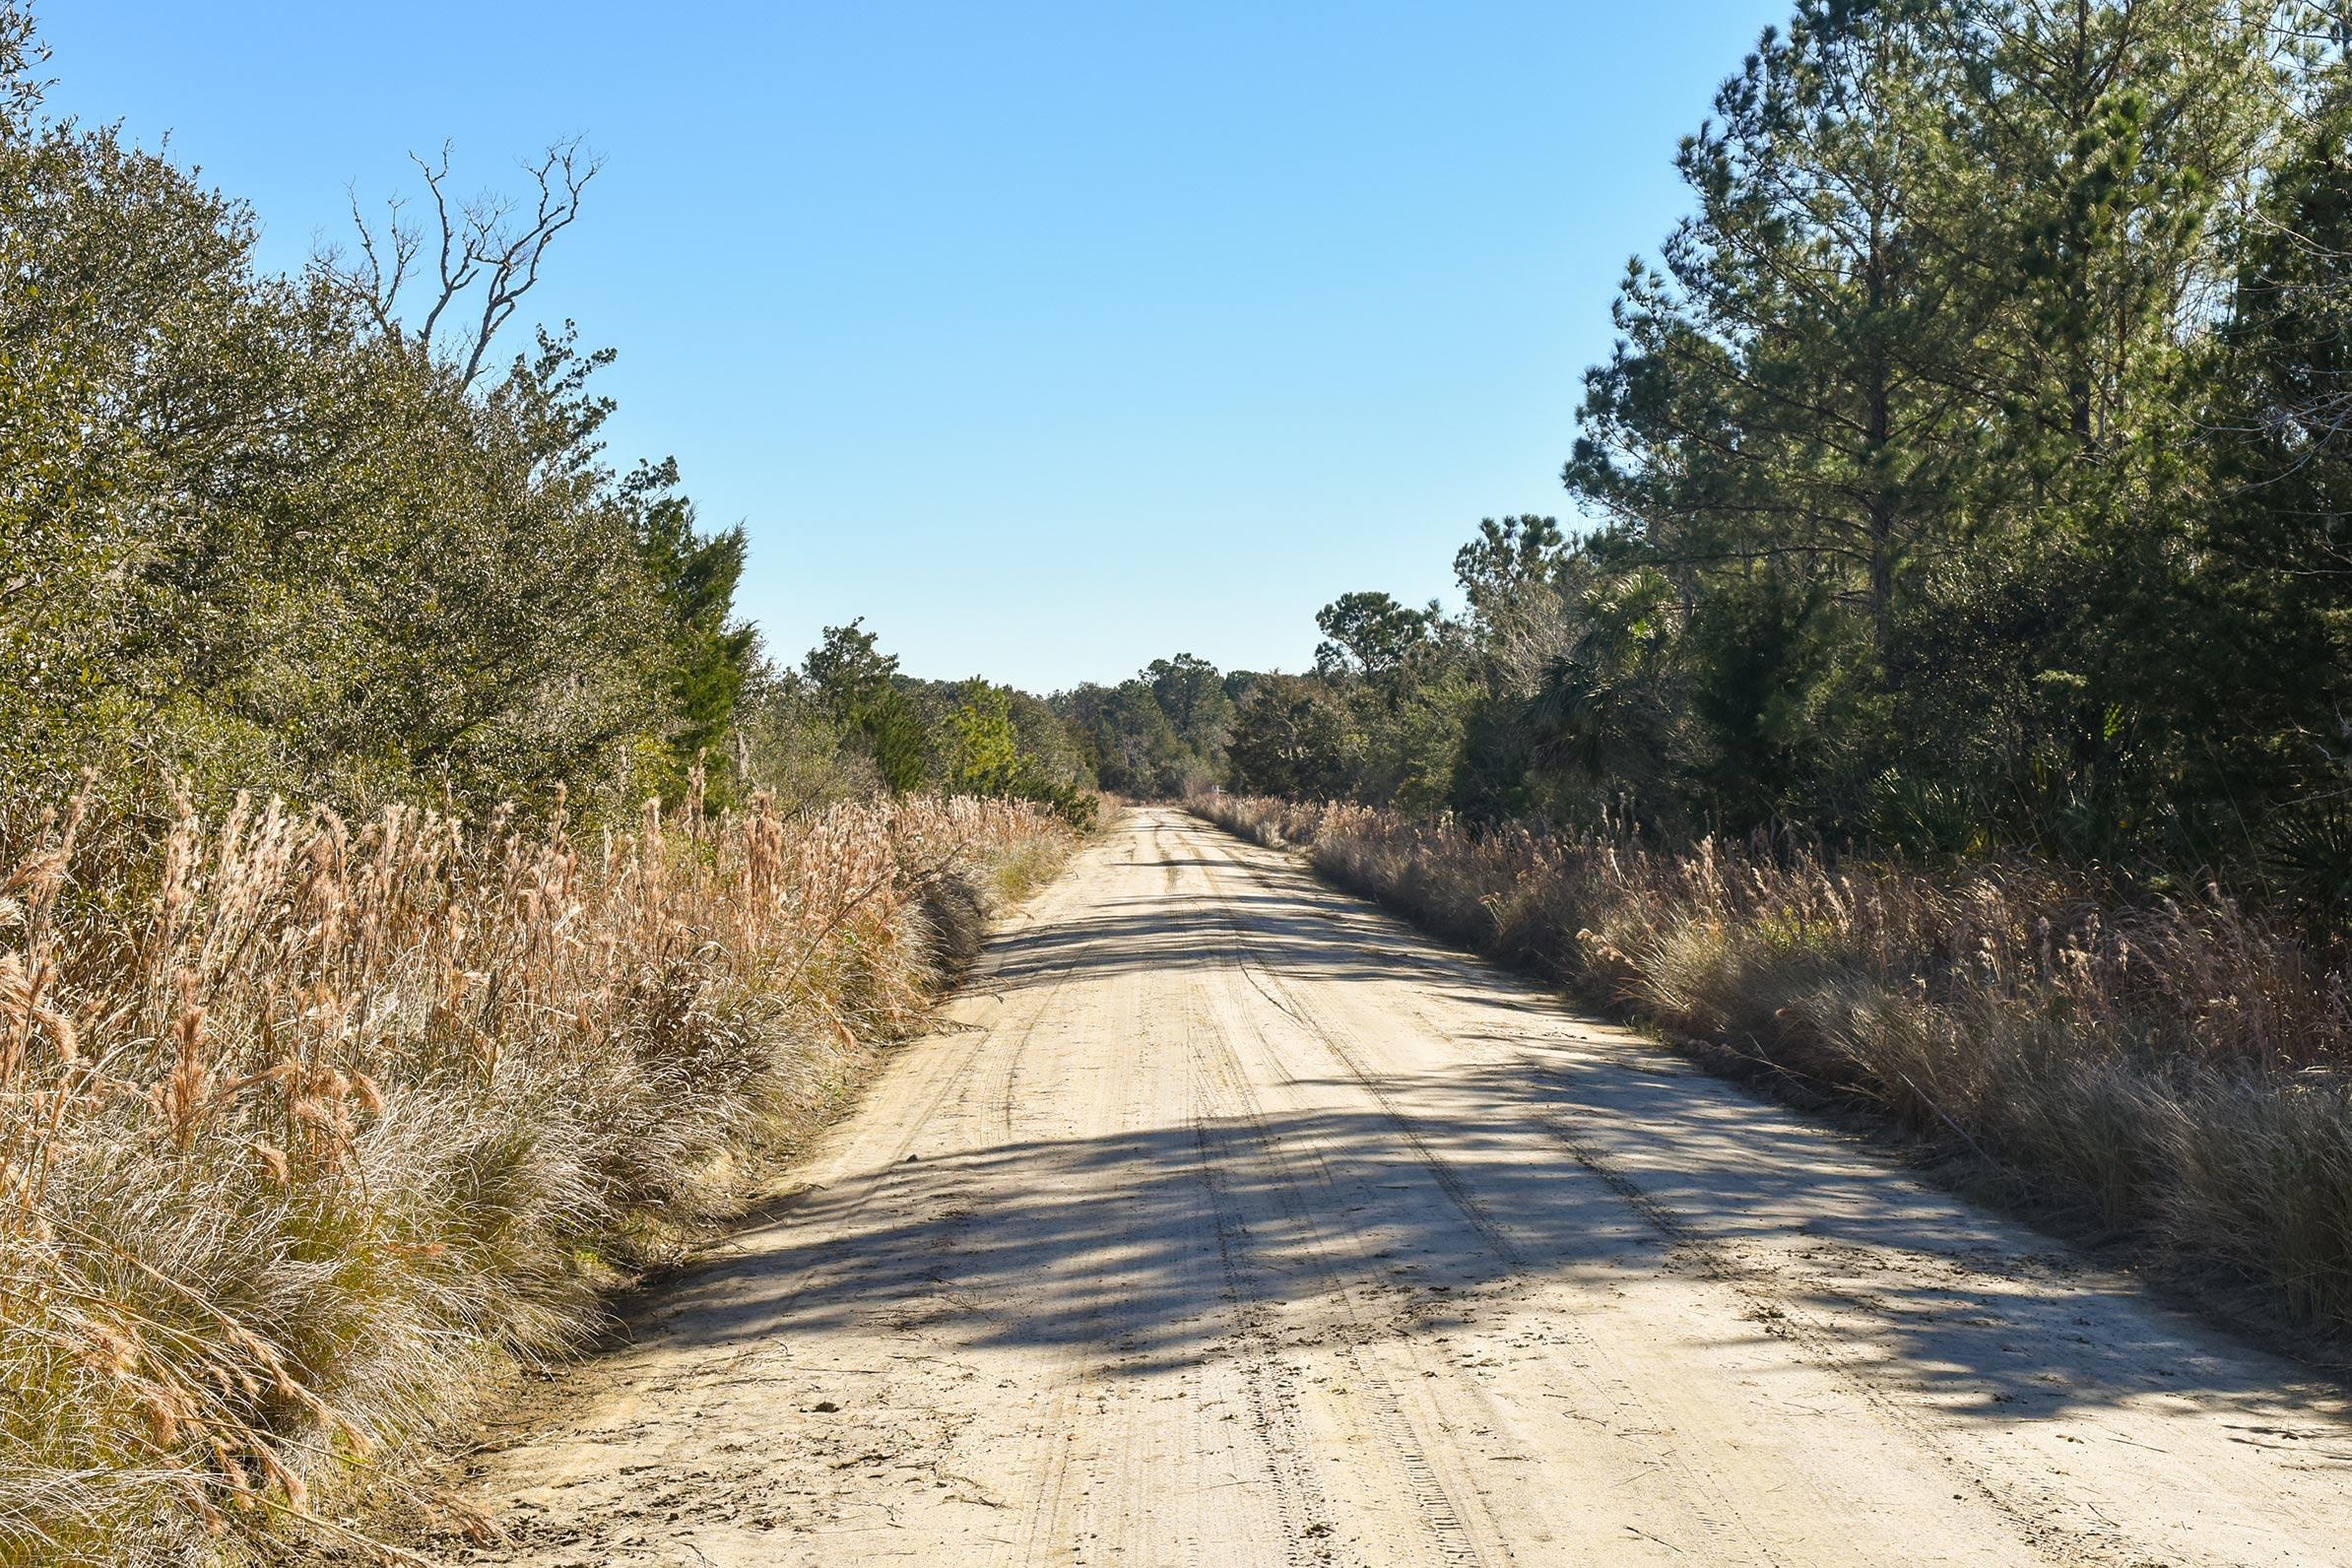 Jehossee Road Edisto Island, SC 29438